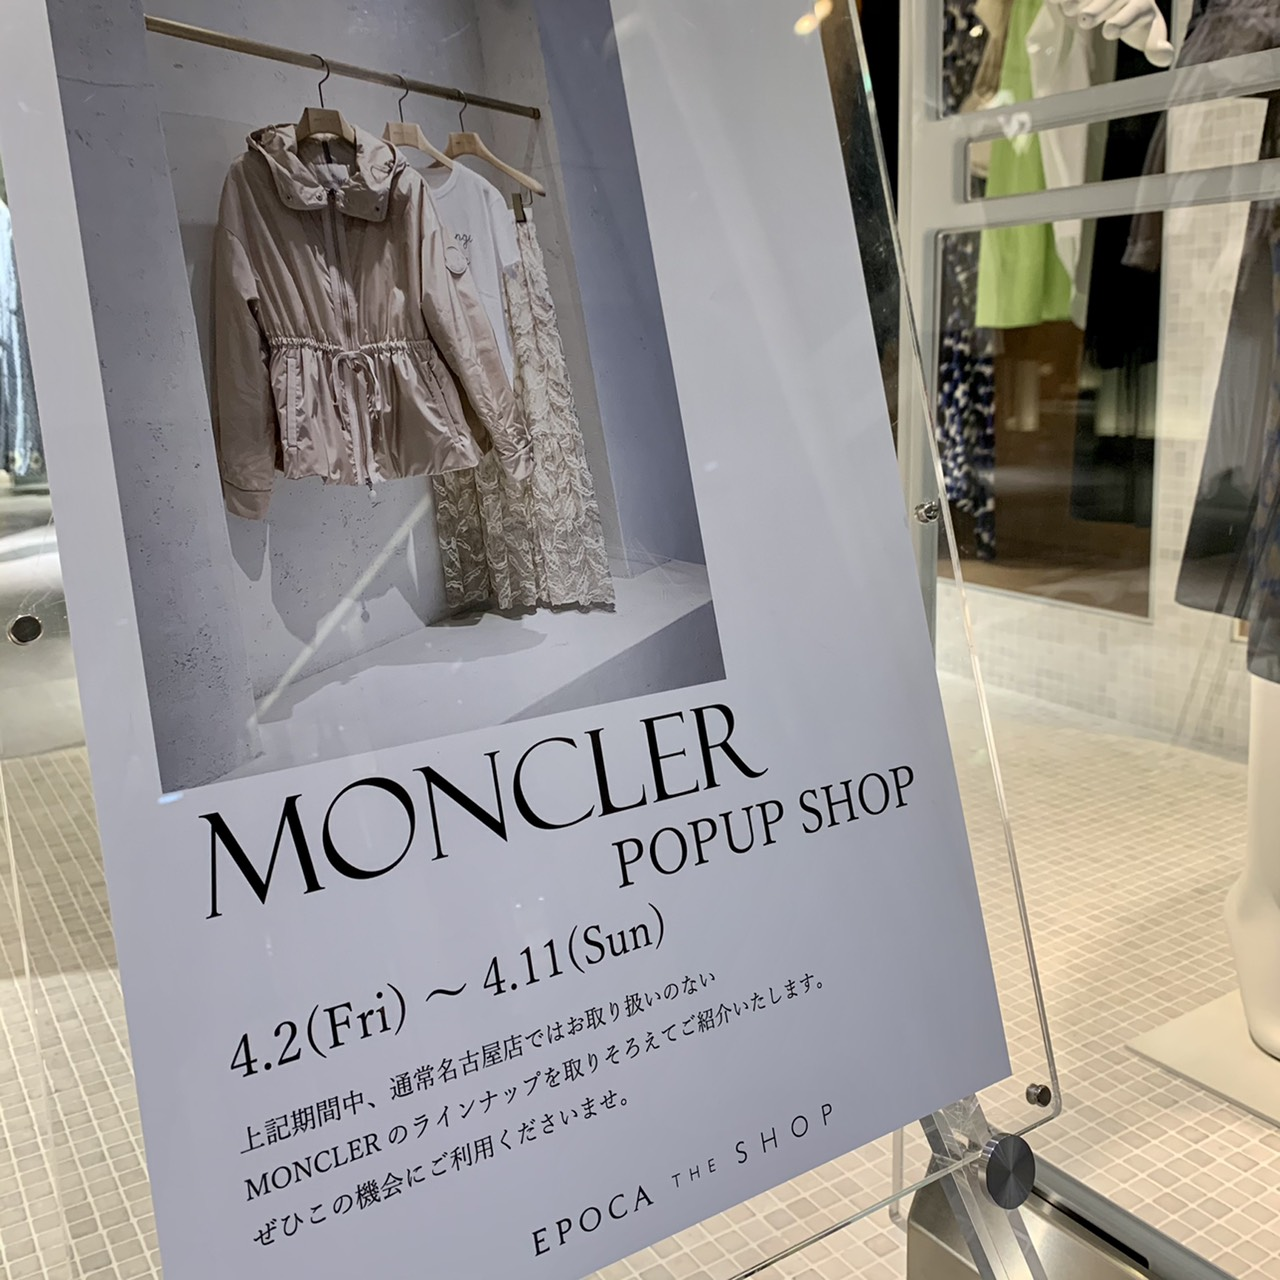 Moncler POPUP SHOP